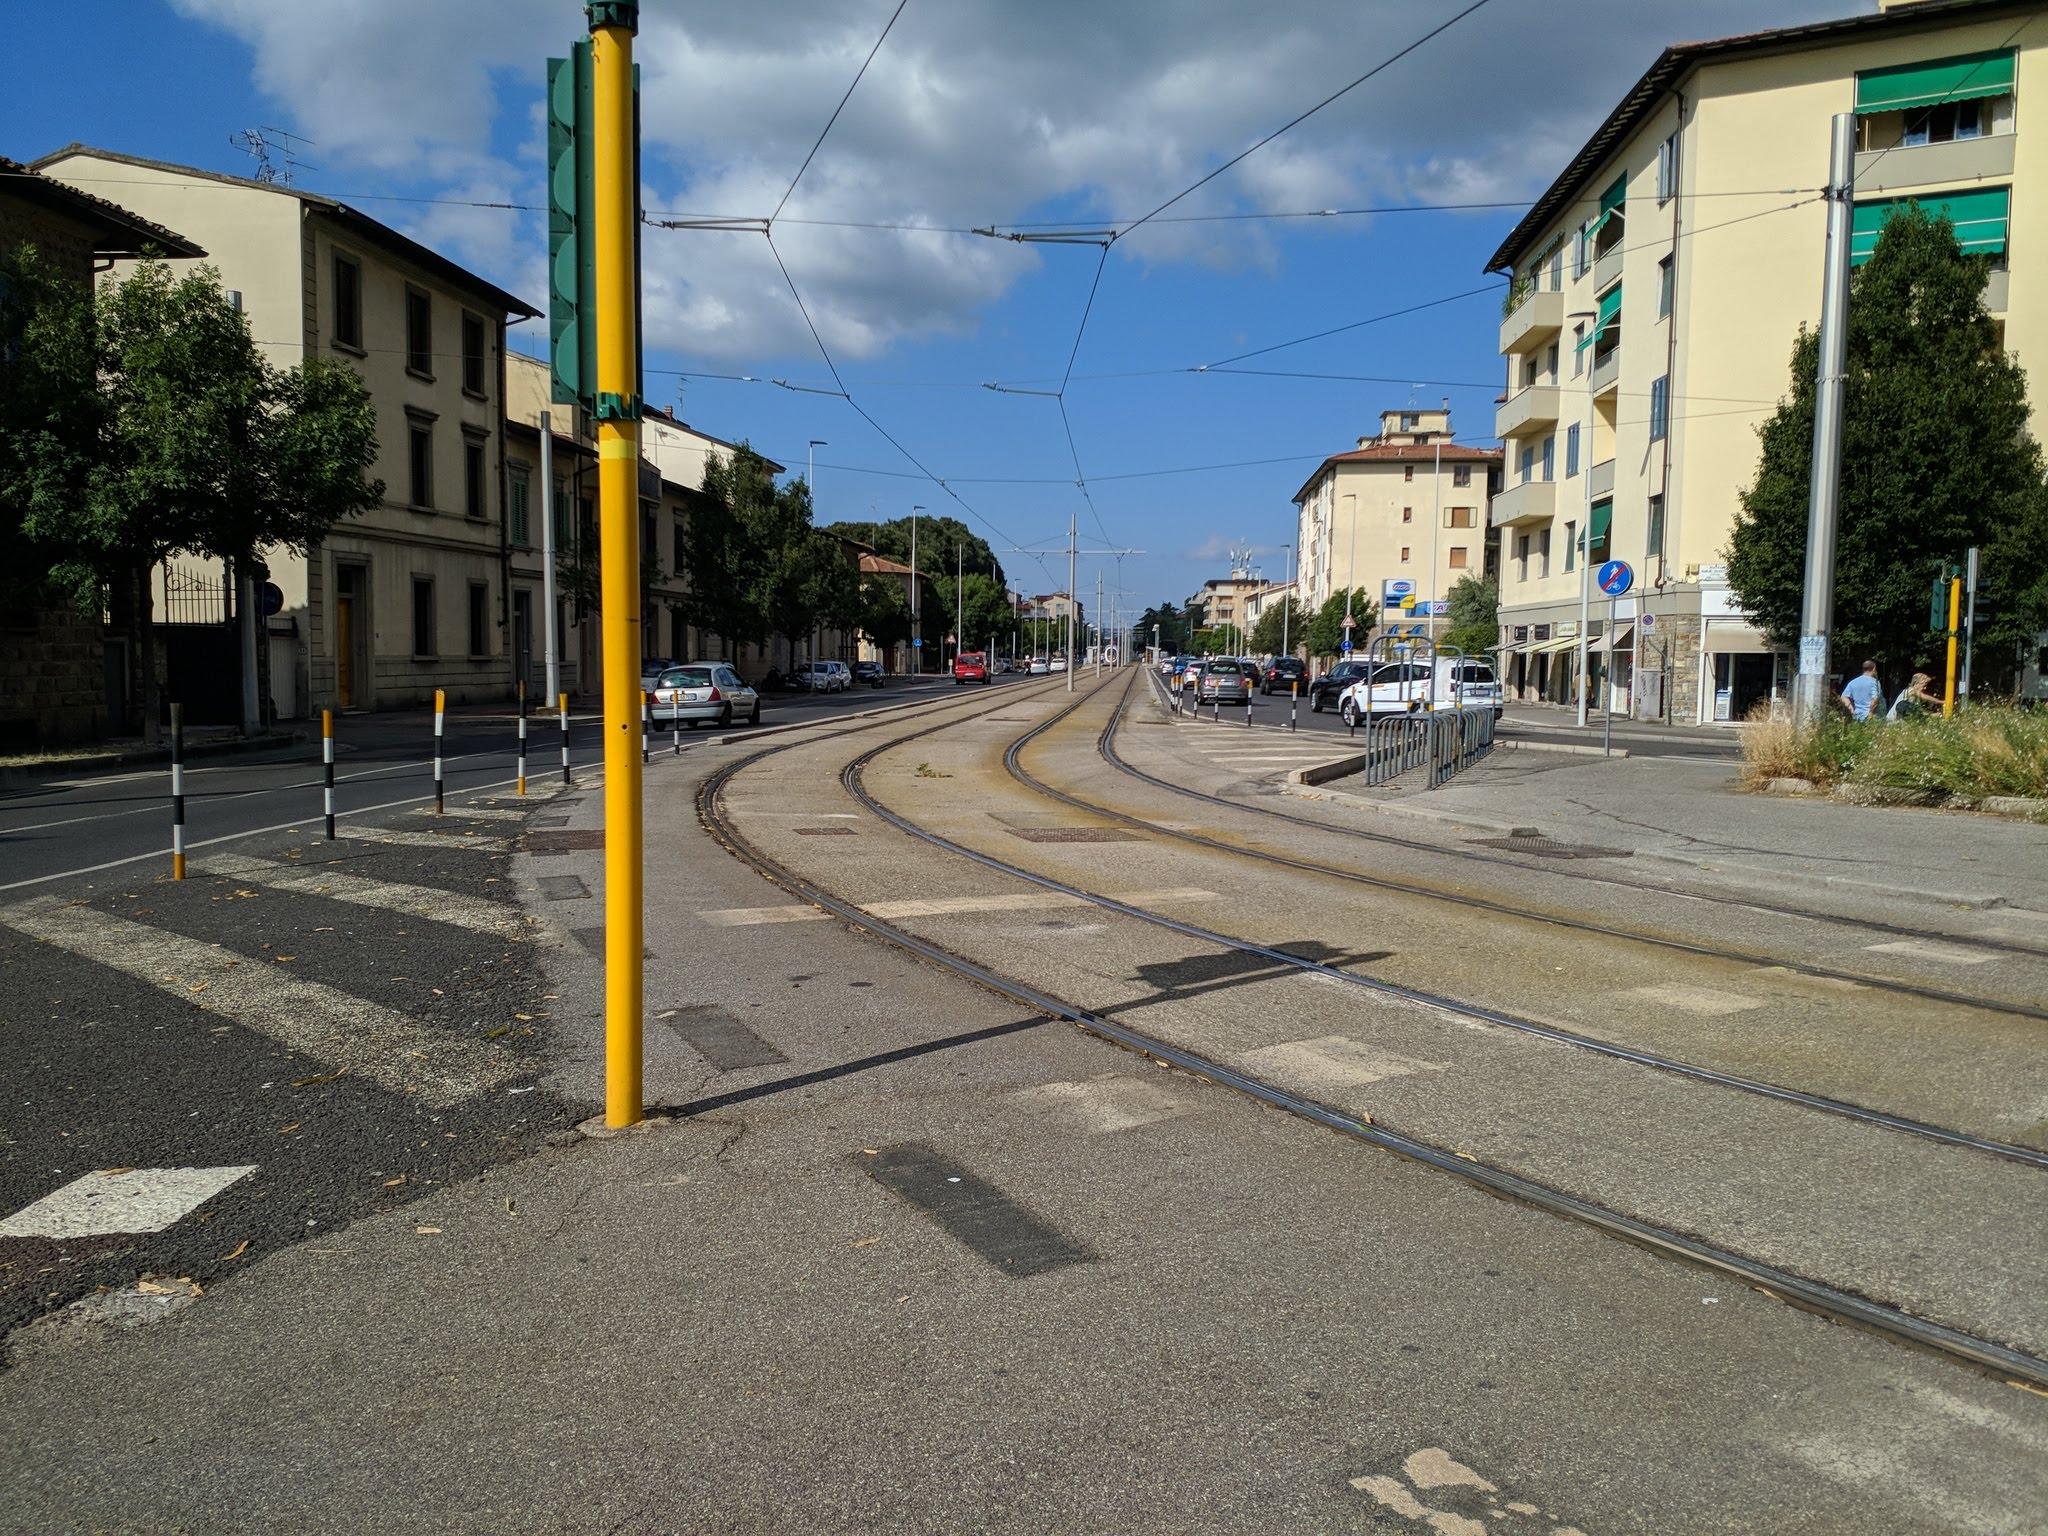 tranvia via del sansovino tram piazza paolo uccello (1)